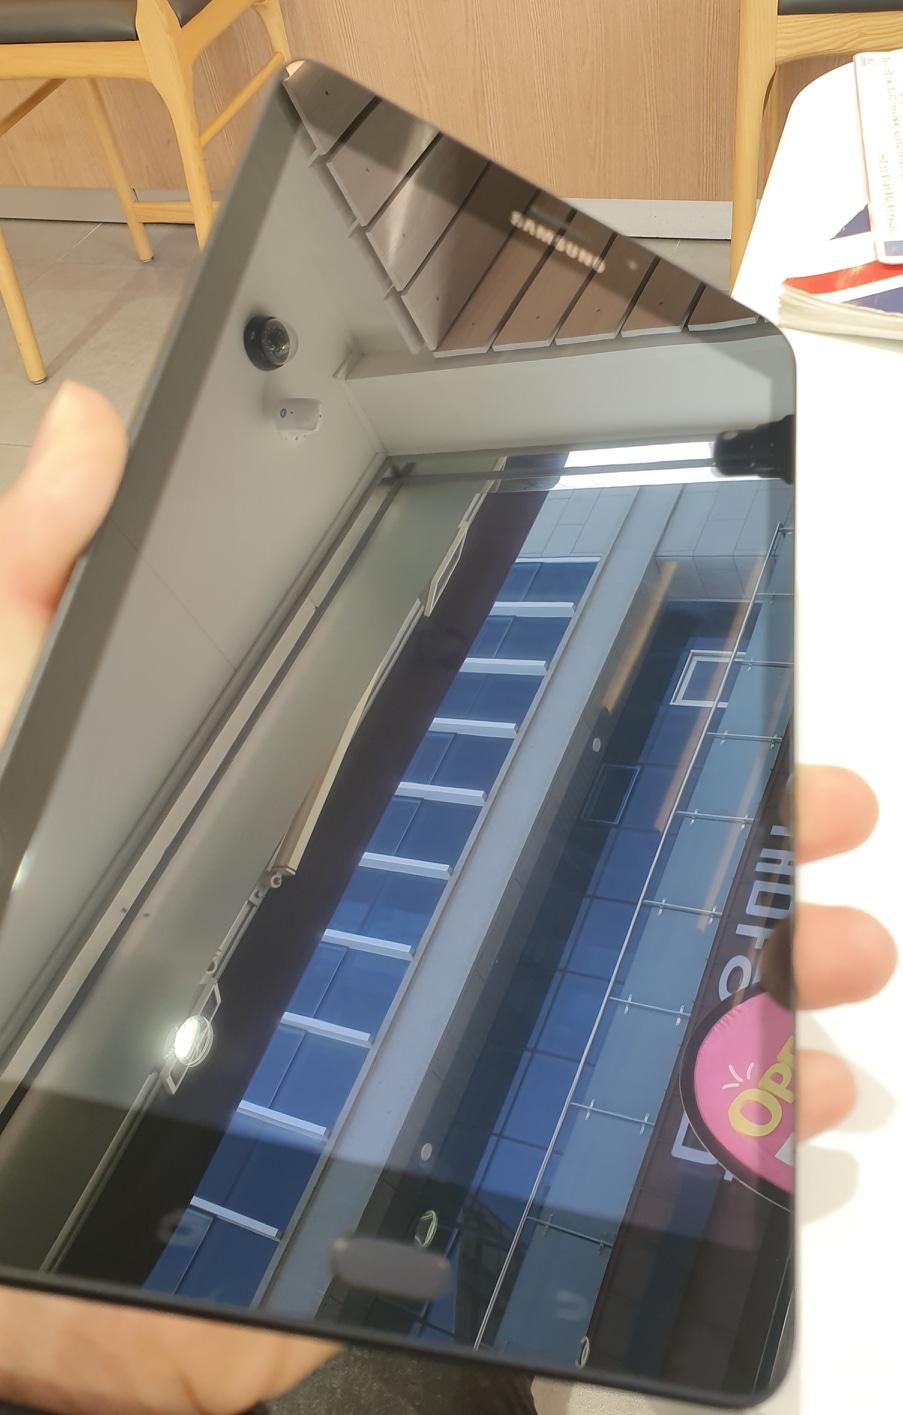 삼성 갤럭시 탭 / 태블릿 / 태블릿PC / t-385 / 딱 한대만 팝니다